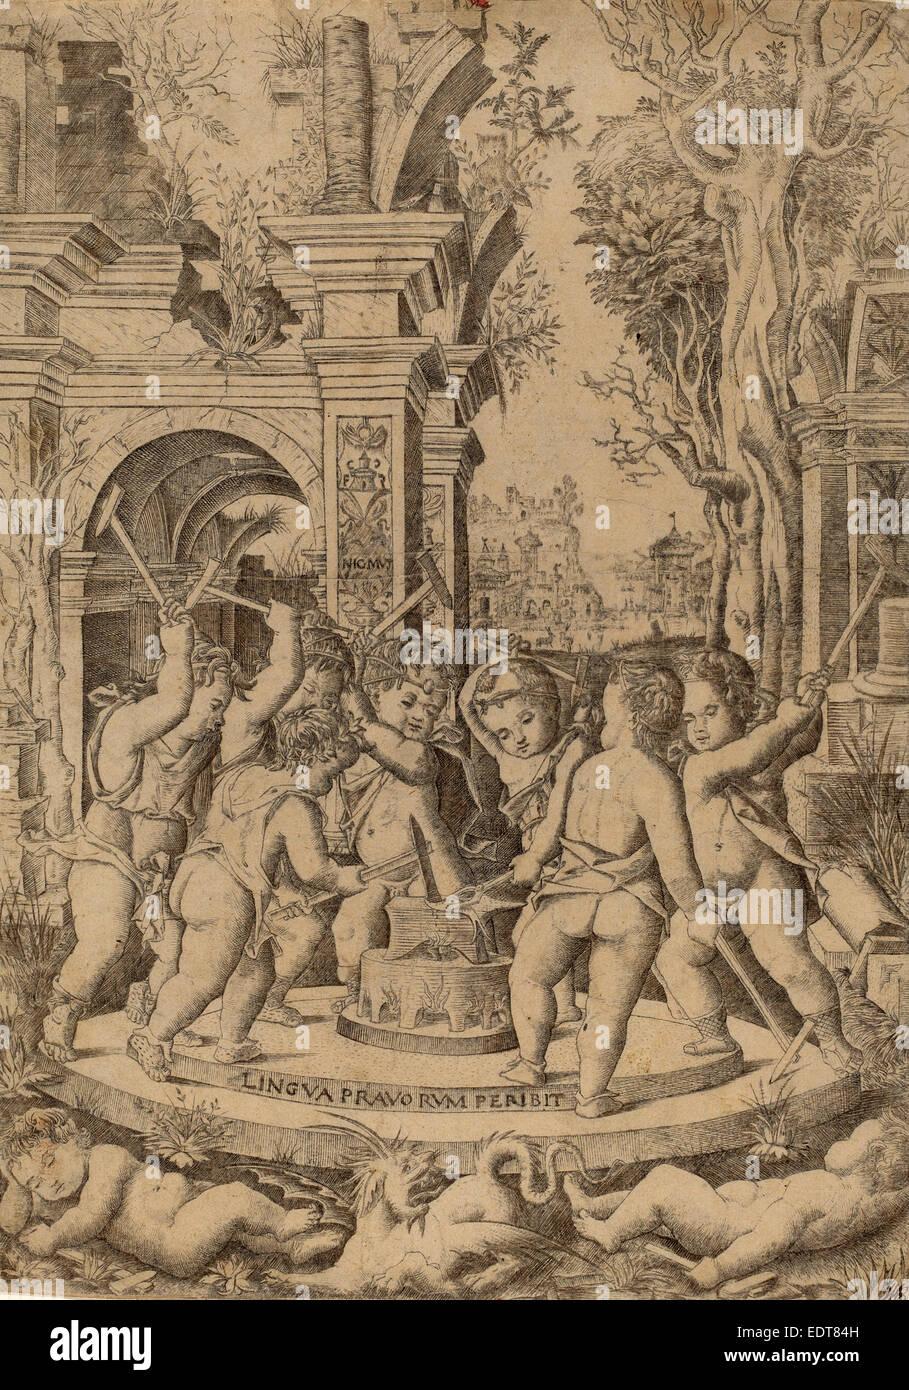 Nicoletto da Modena (italiano, attivo 1500-1512), il destino di un Male Lingua, c. 1507, incisione Immagini Stock